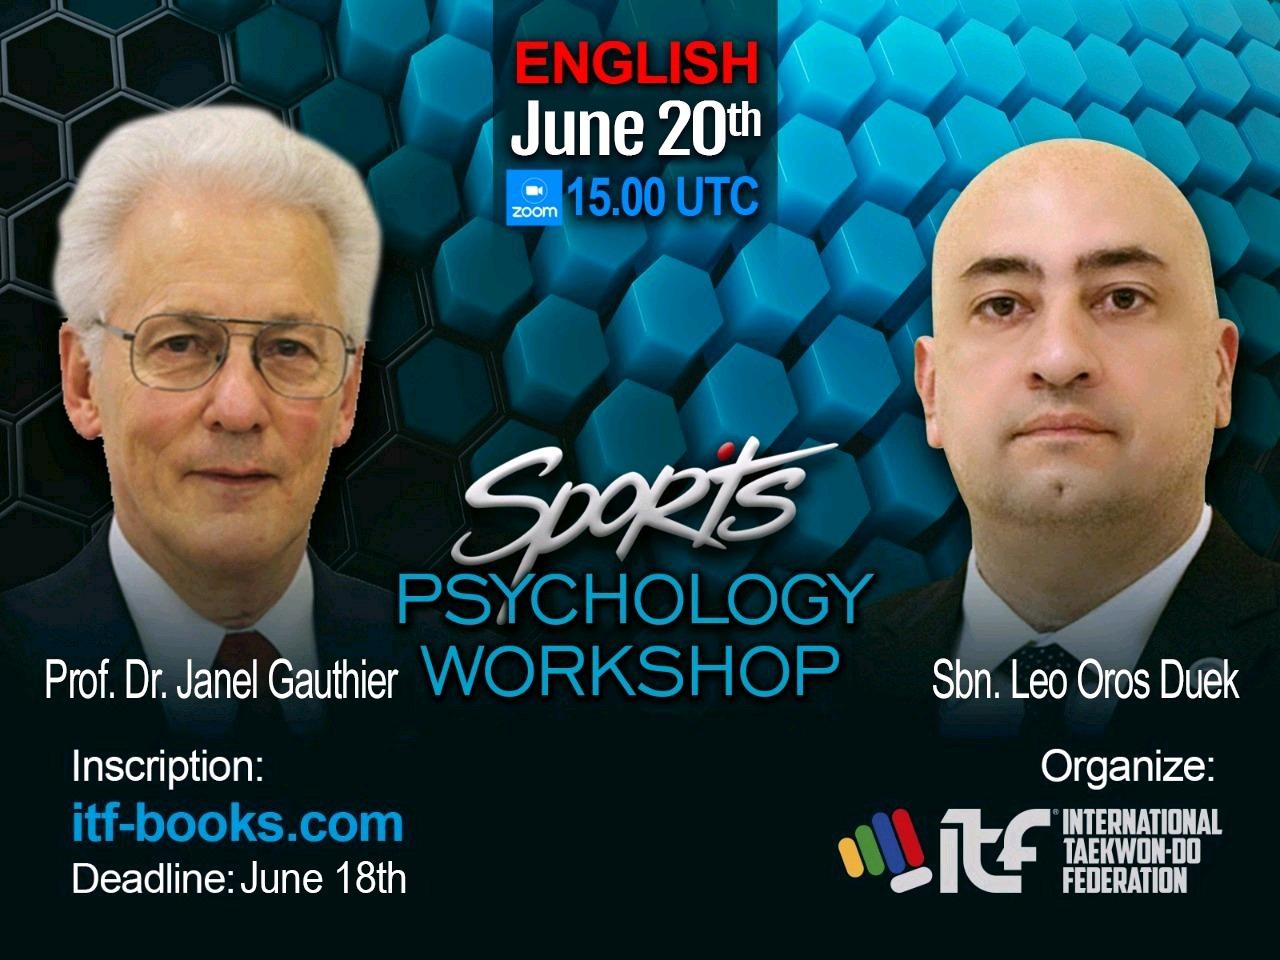 Worksop-Psychology-New-Flyer-June-20